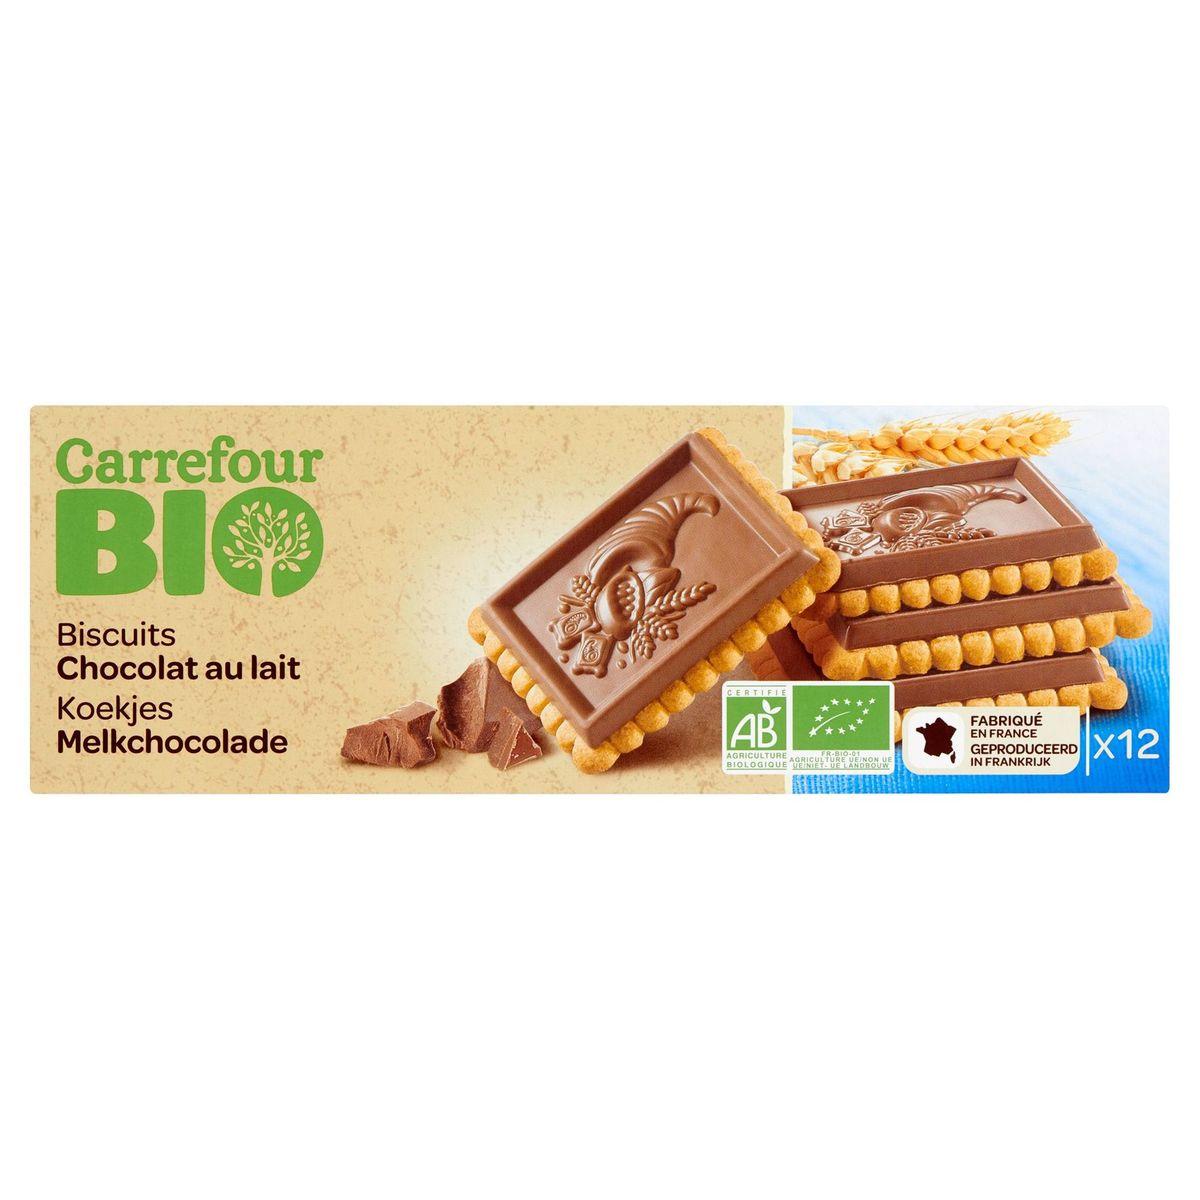 Carrefour Bio Biscuits Chocolat au Lait 12 Pièces 150 g